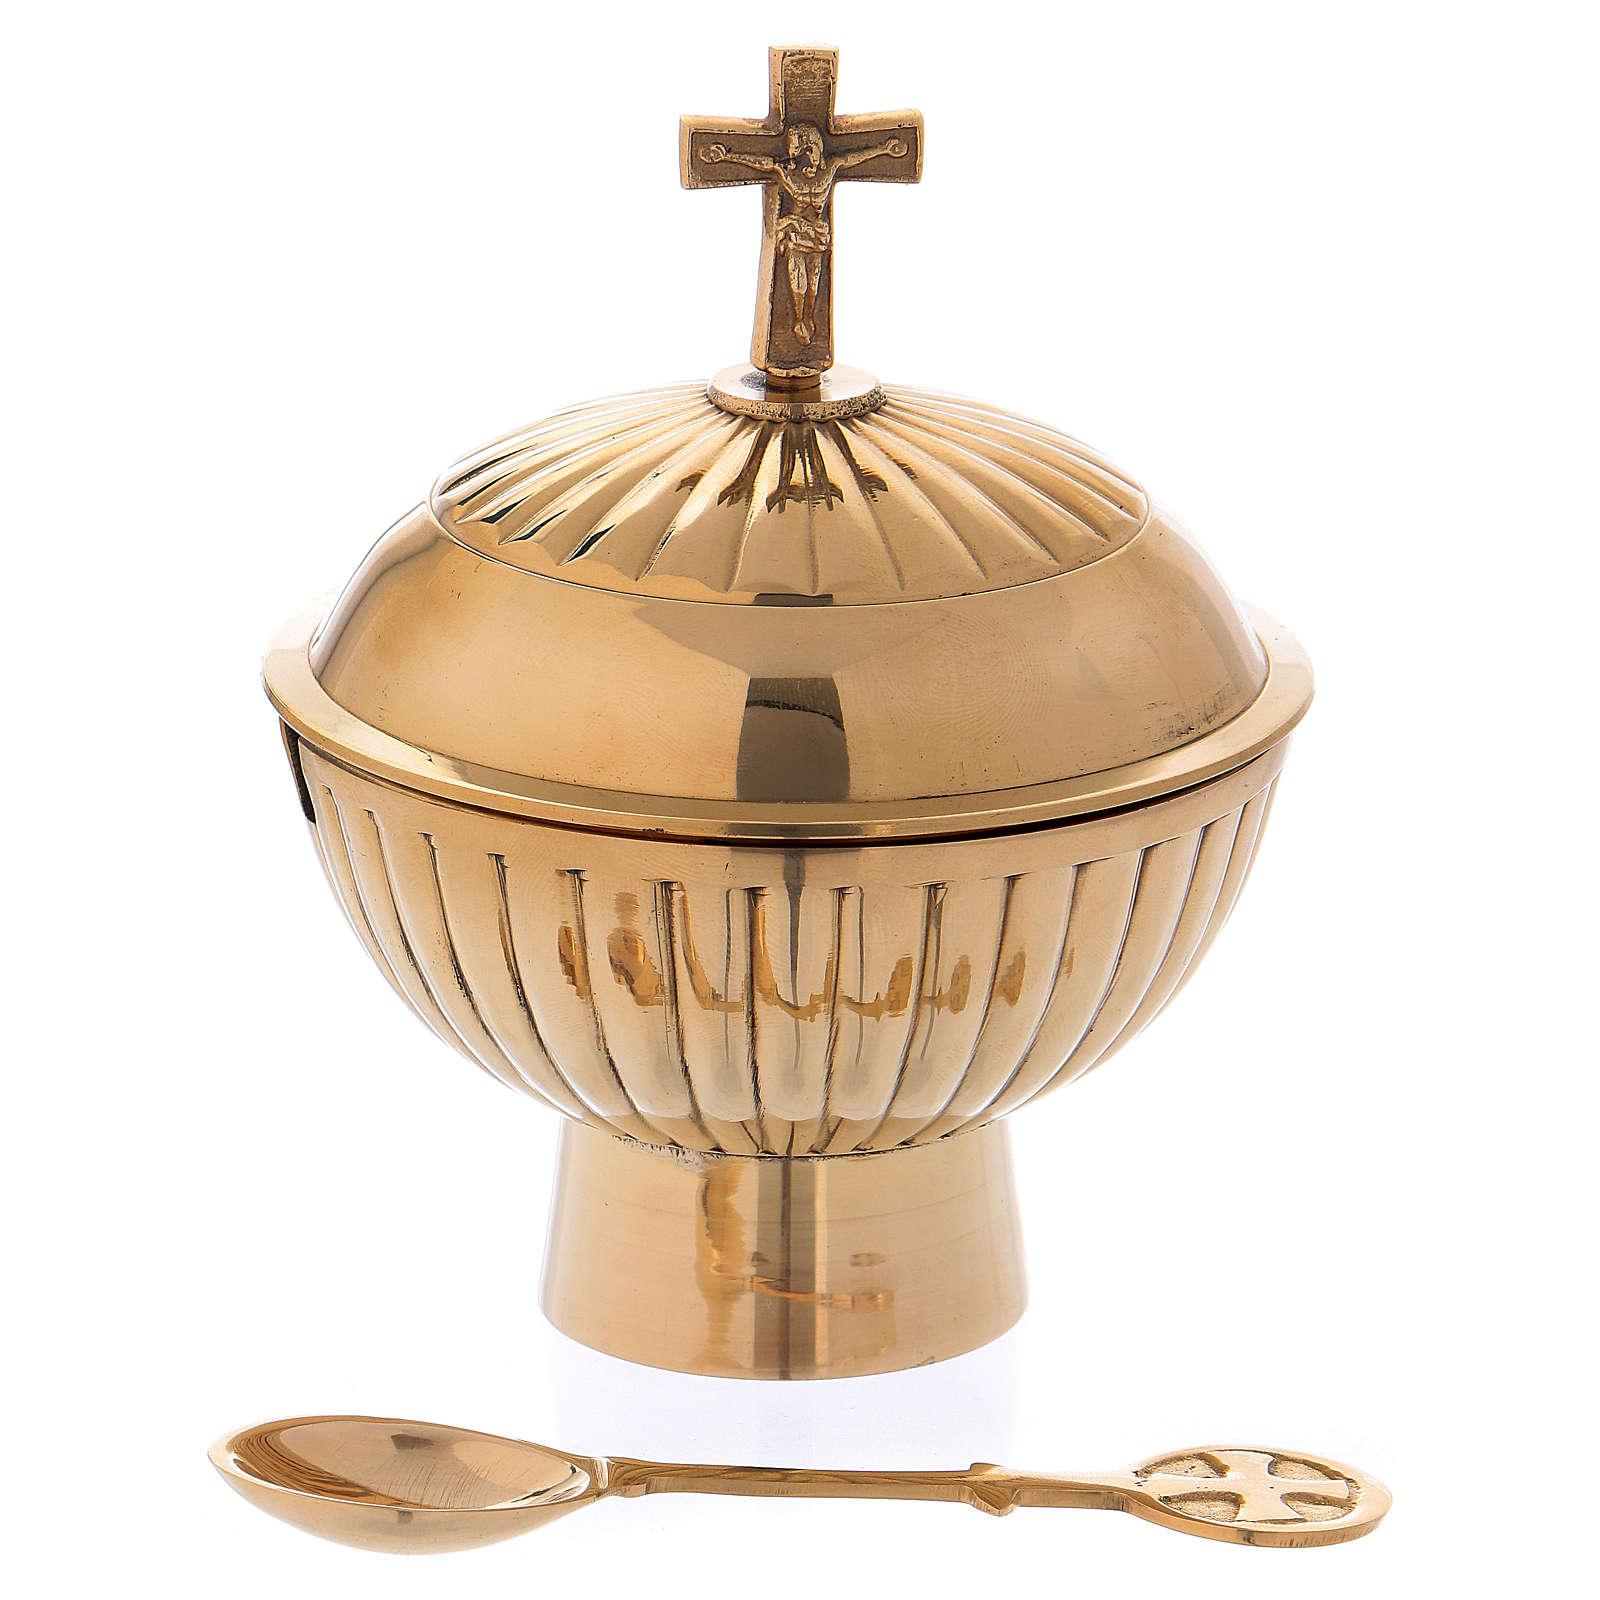 Naveta de latón dorado con cruz h. 12 cm 3